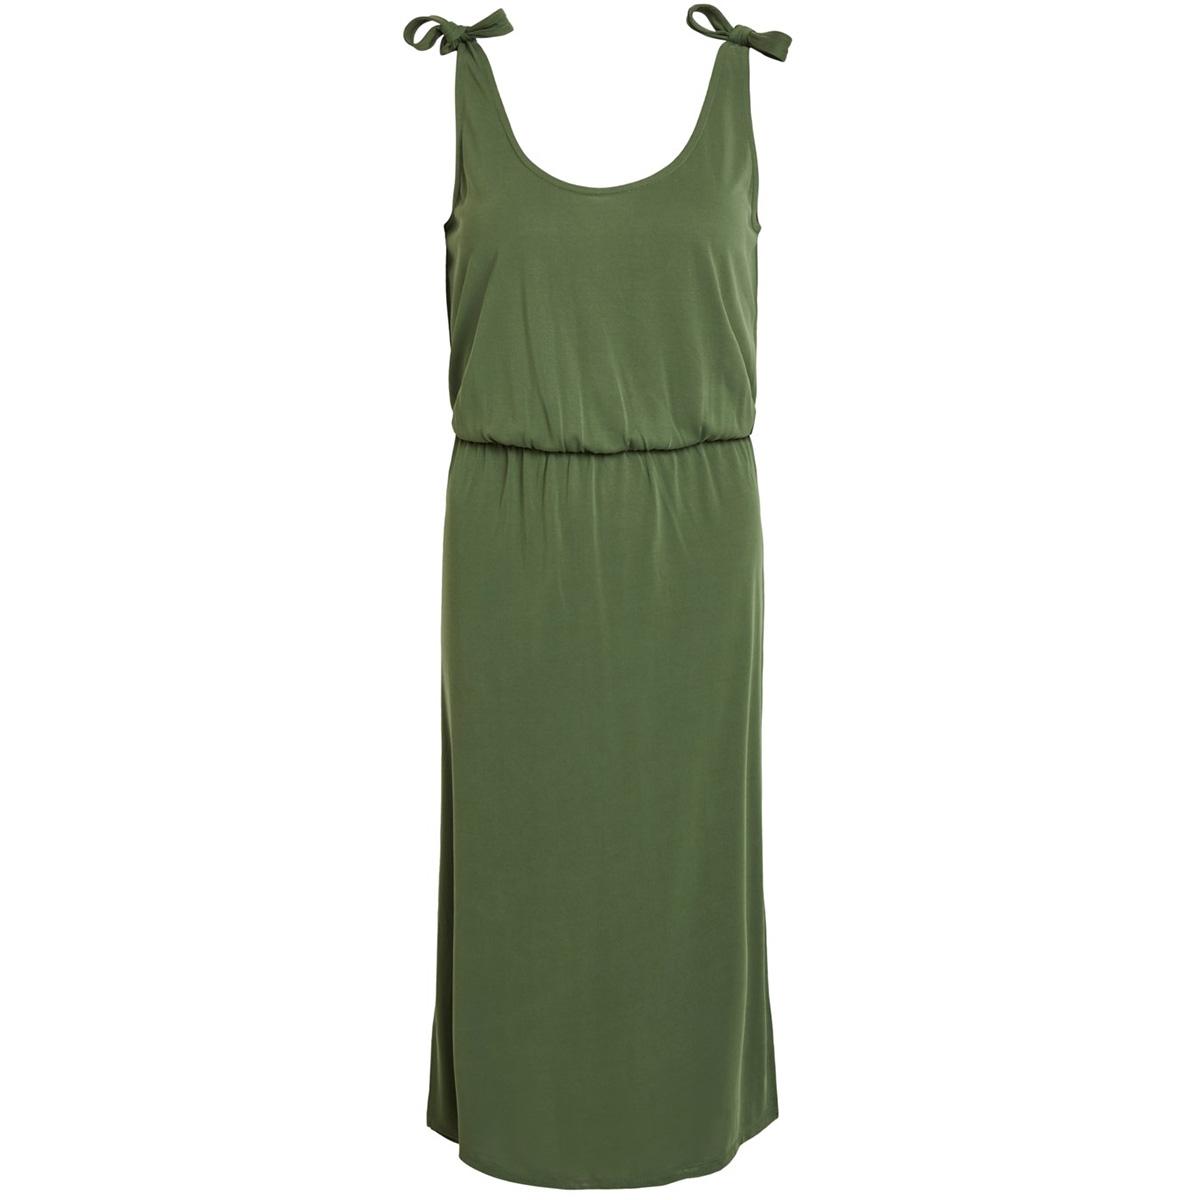 objashley s/l dress i. 103 23029556 object jurk black forest